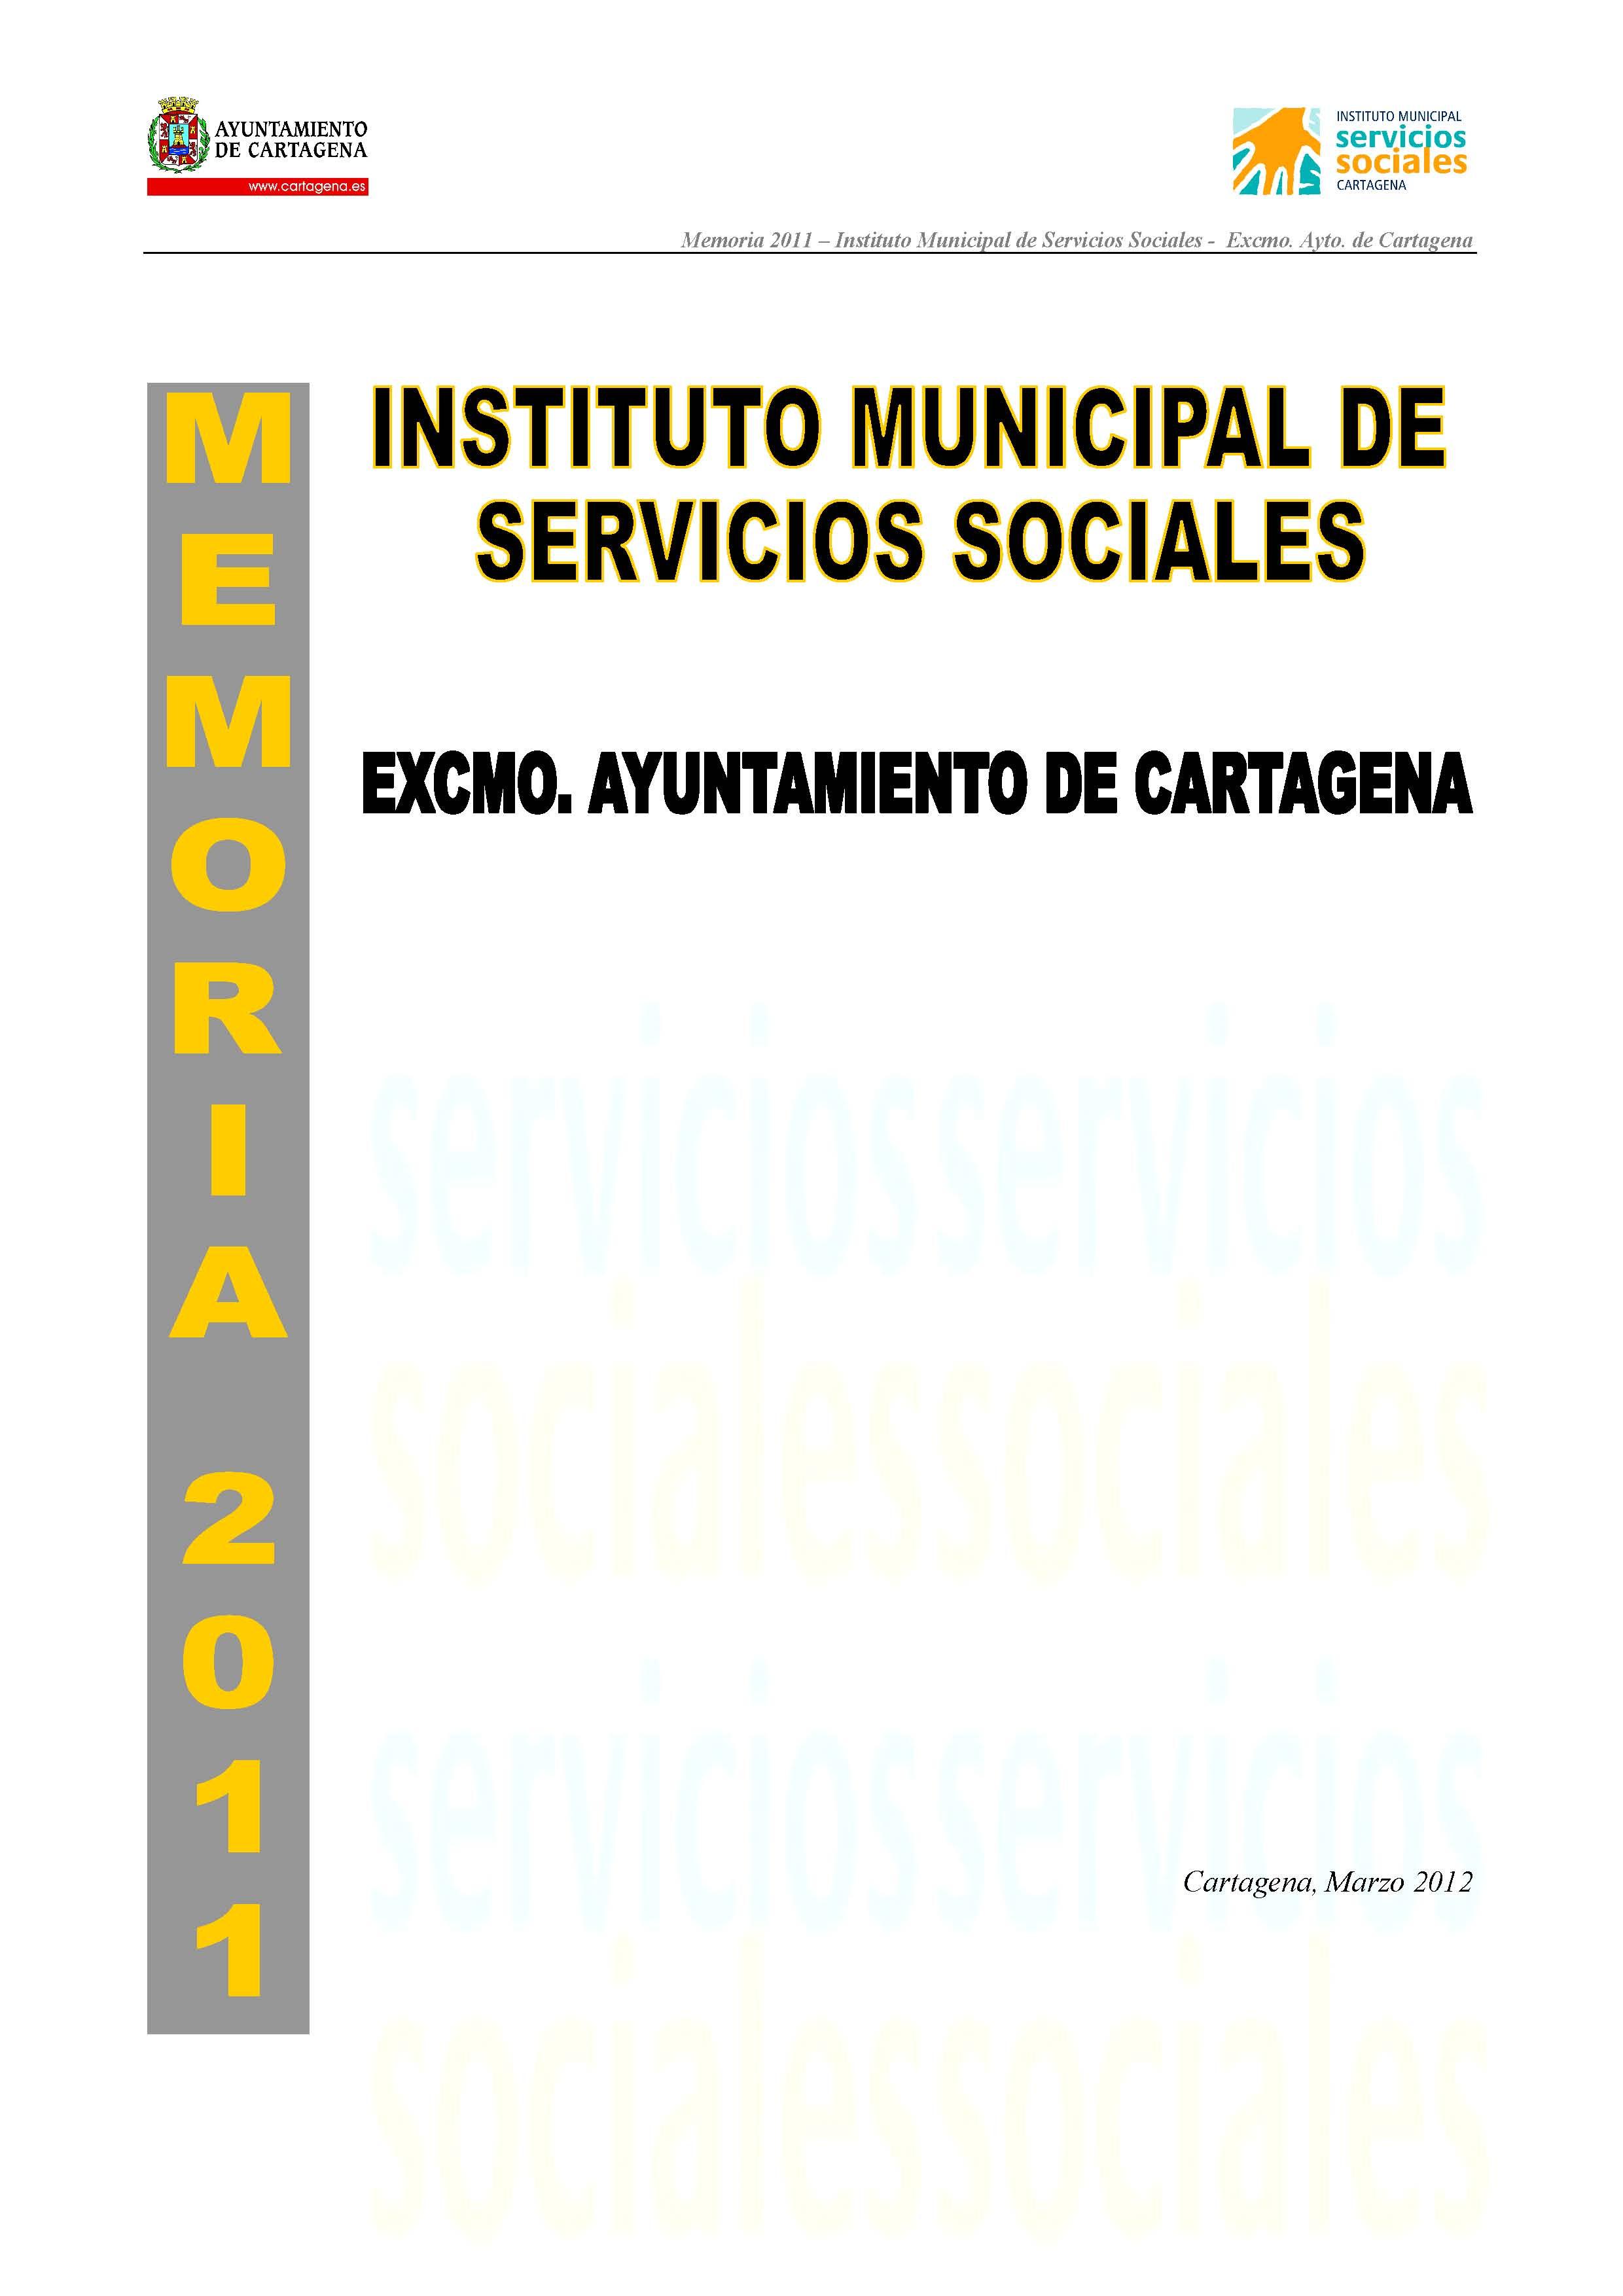 Memoria del Instituto Municipal de Servicios Sociales 2011. Documento PDF - 6,46 MB. Se abre en ventana nueva